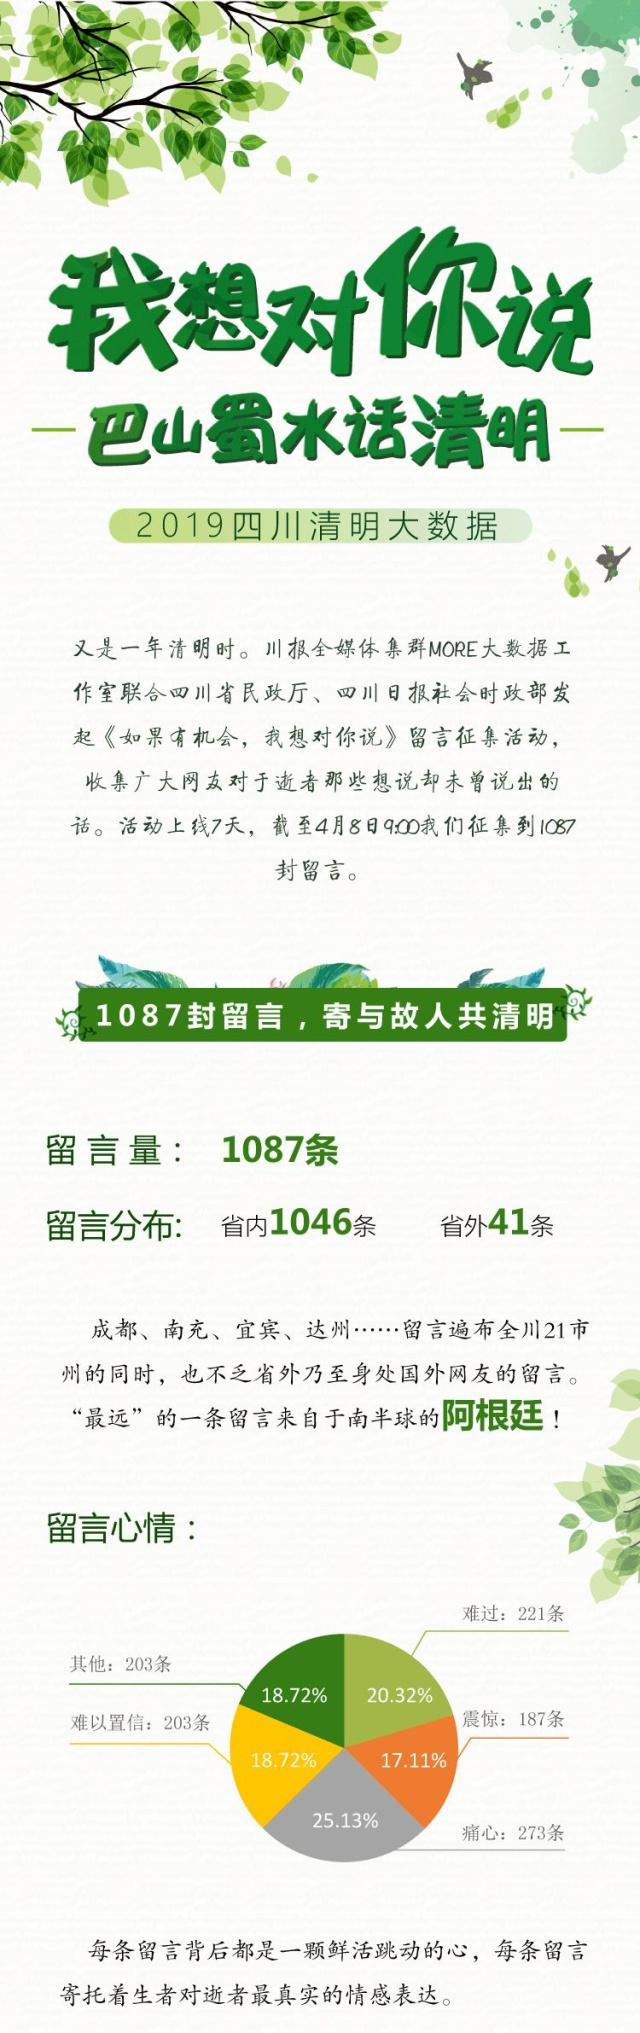 2019年四川清明祭扫大数据新鲜出炉